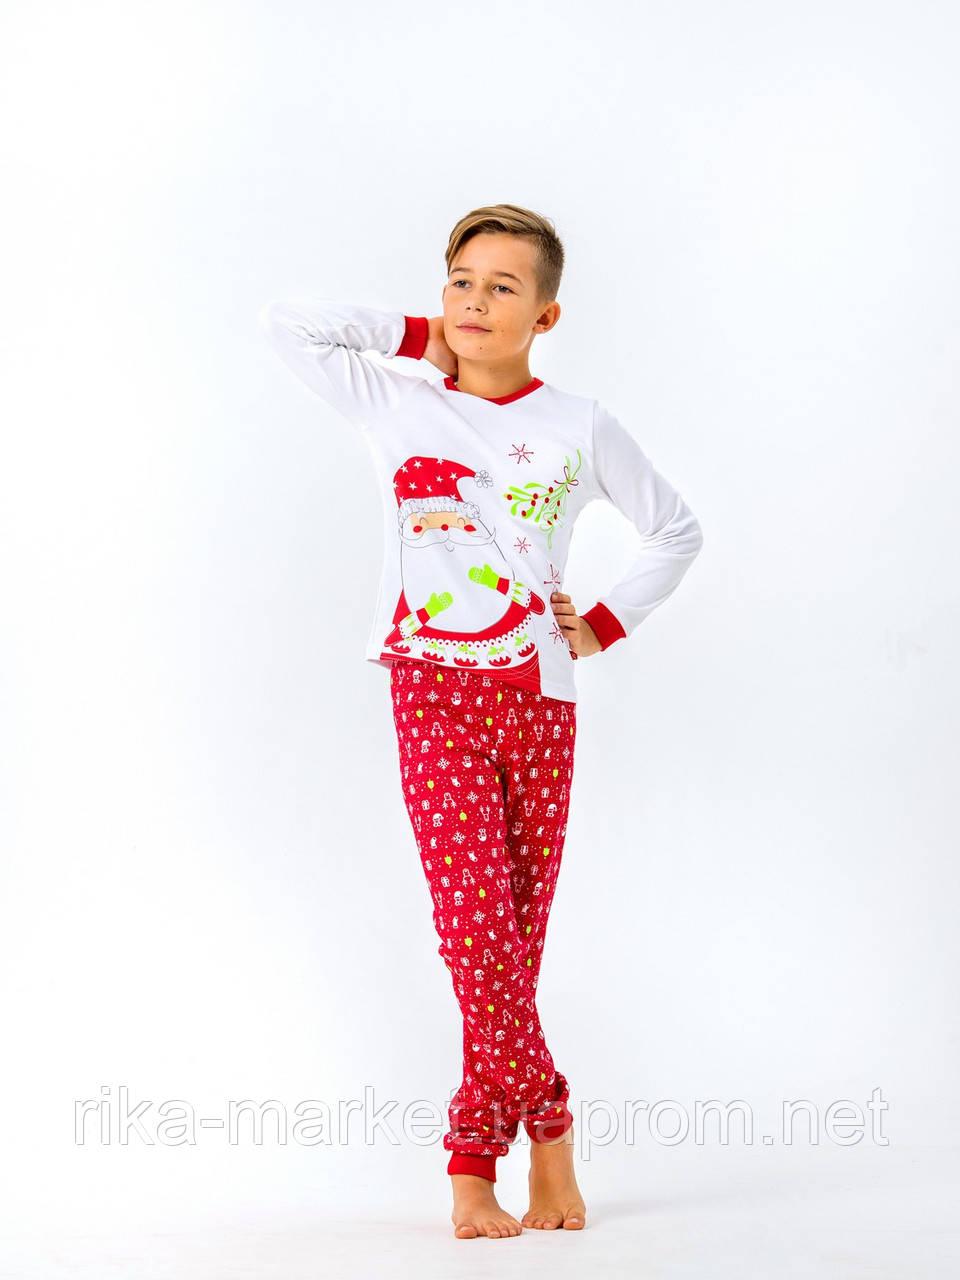 Детская пижама Smil в коробке, 104469, от 7 до 10 лет